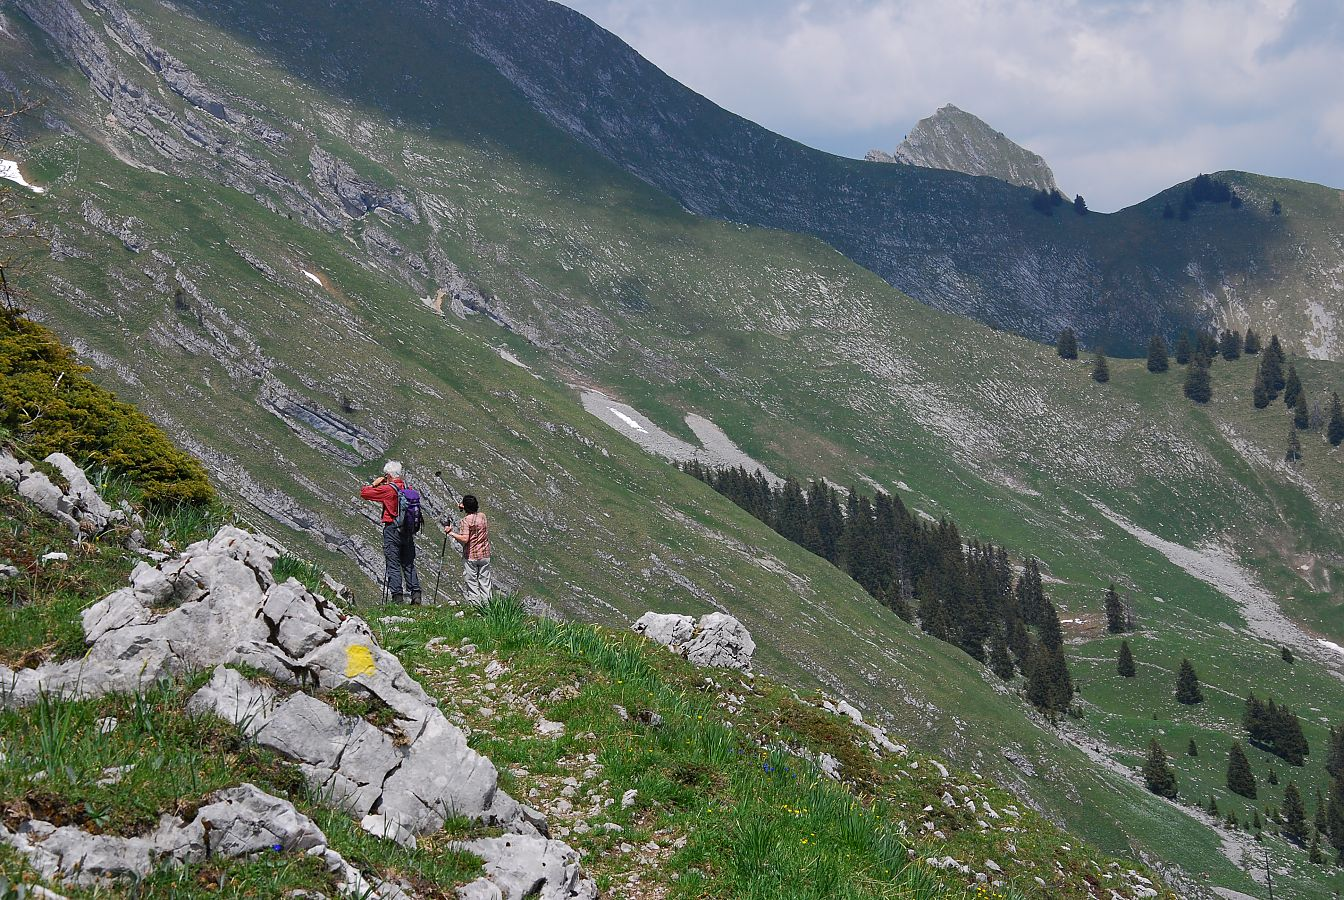 Regionaler Naturpark Gruyère Pays-d'Enhaut